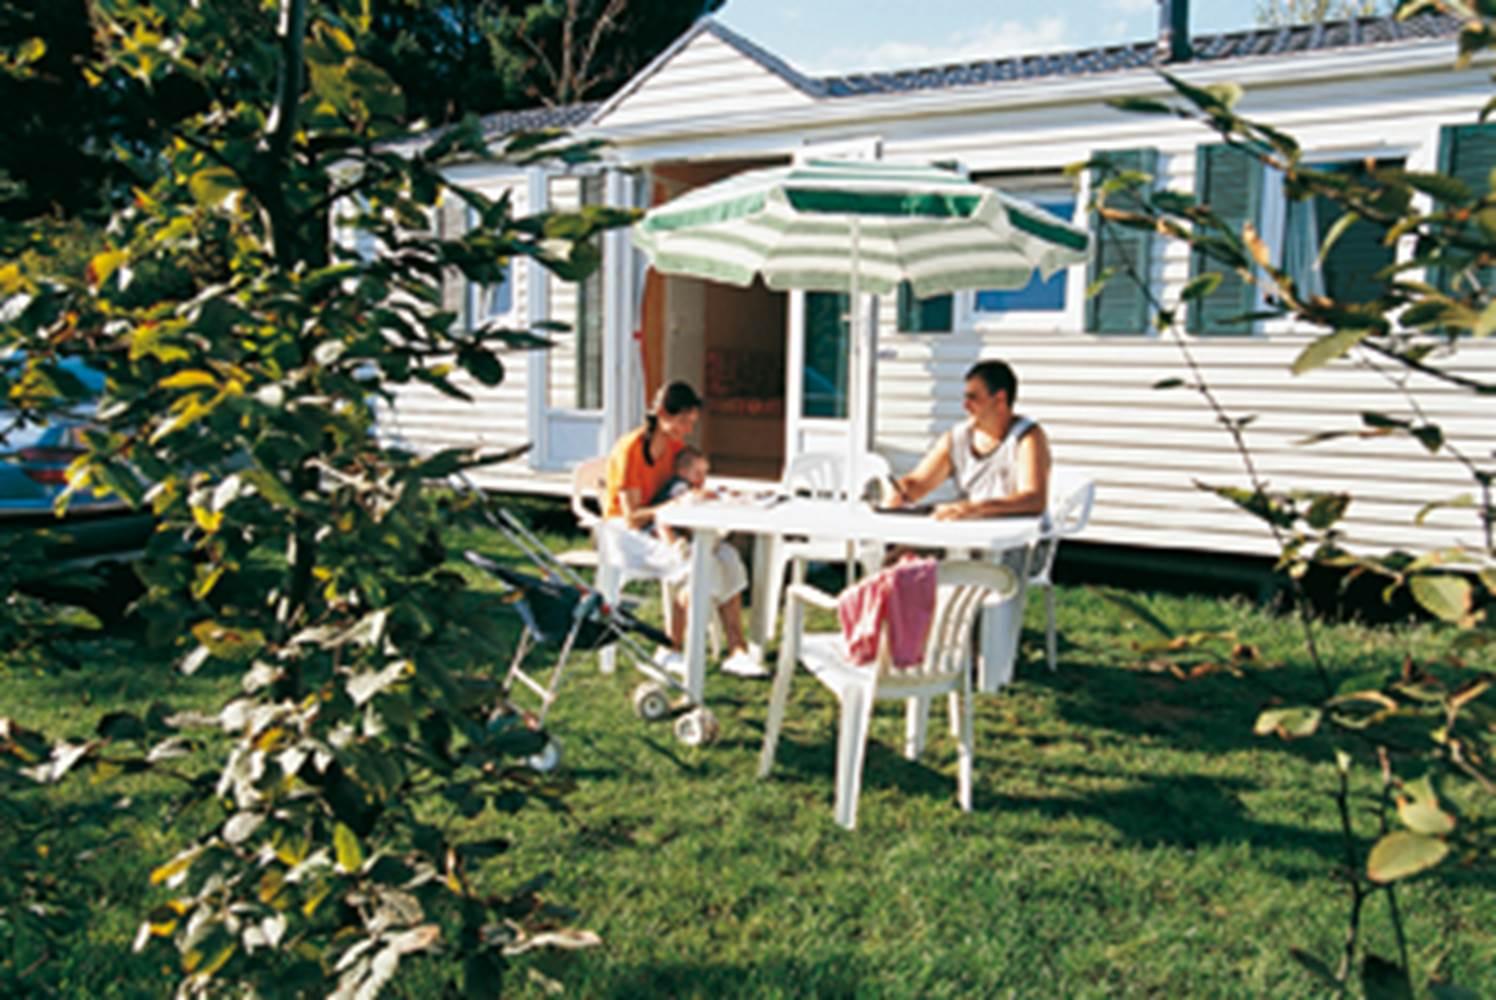 Camping-Le-Cadran-Solaire-Le-Tour-du-Parc-Presqu'île-de-Rhuys-Golfe-du-Morbihan-Bretagne sud © Le Cadran Solaire